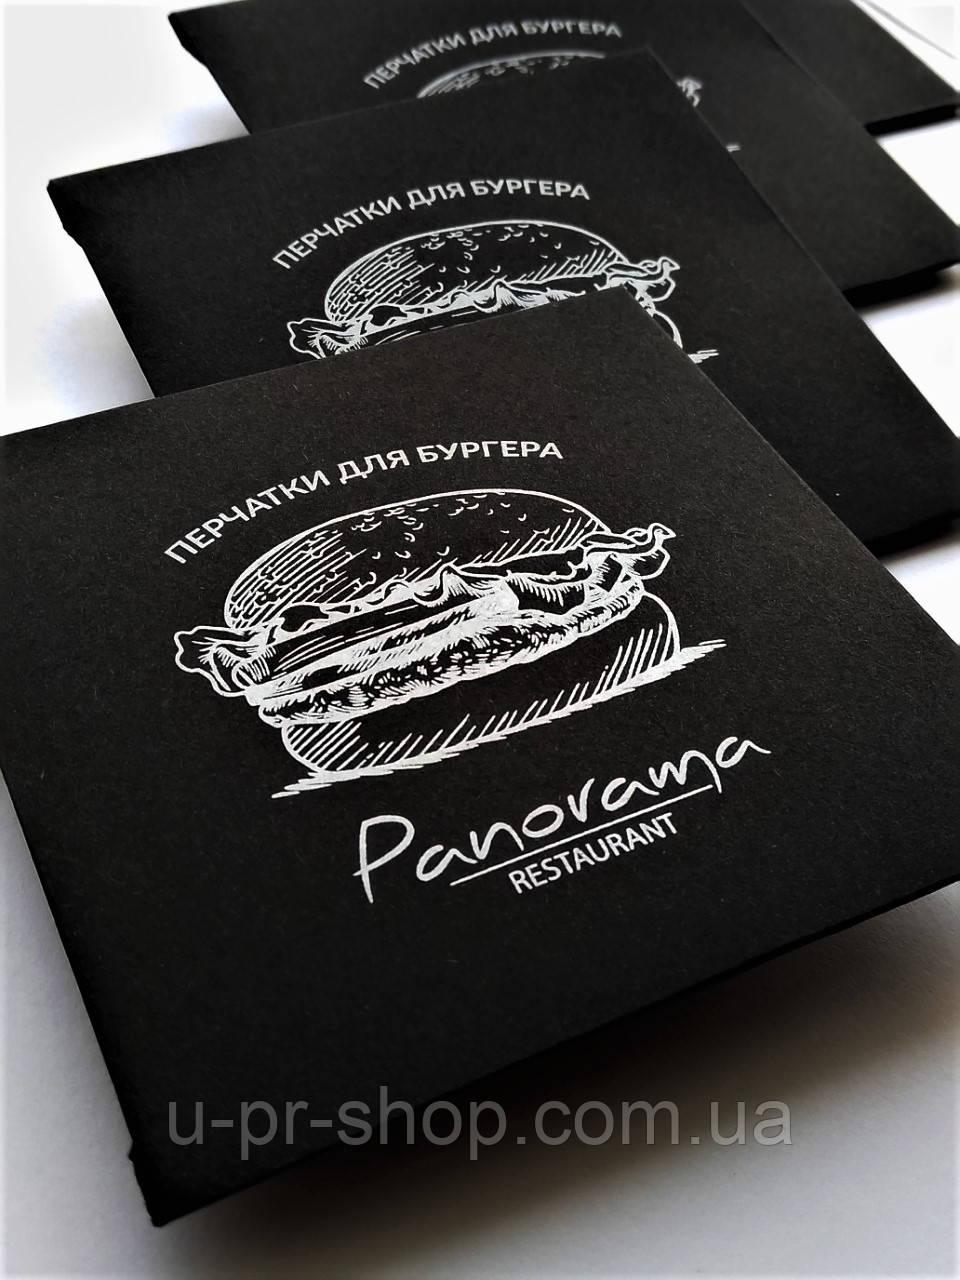 Конверты для бургерных перчаток с вашим логотипом из черной дизайнерской бумаги.